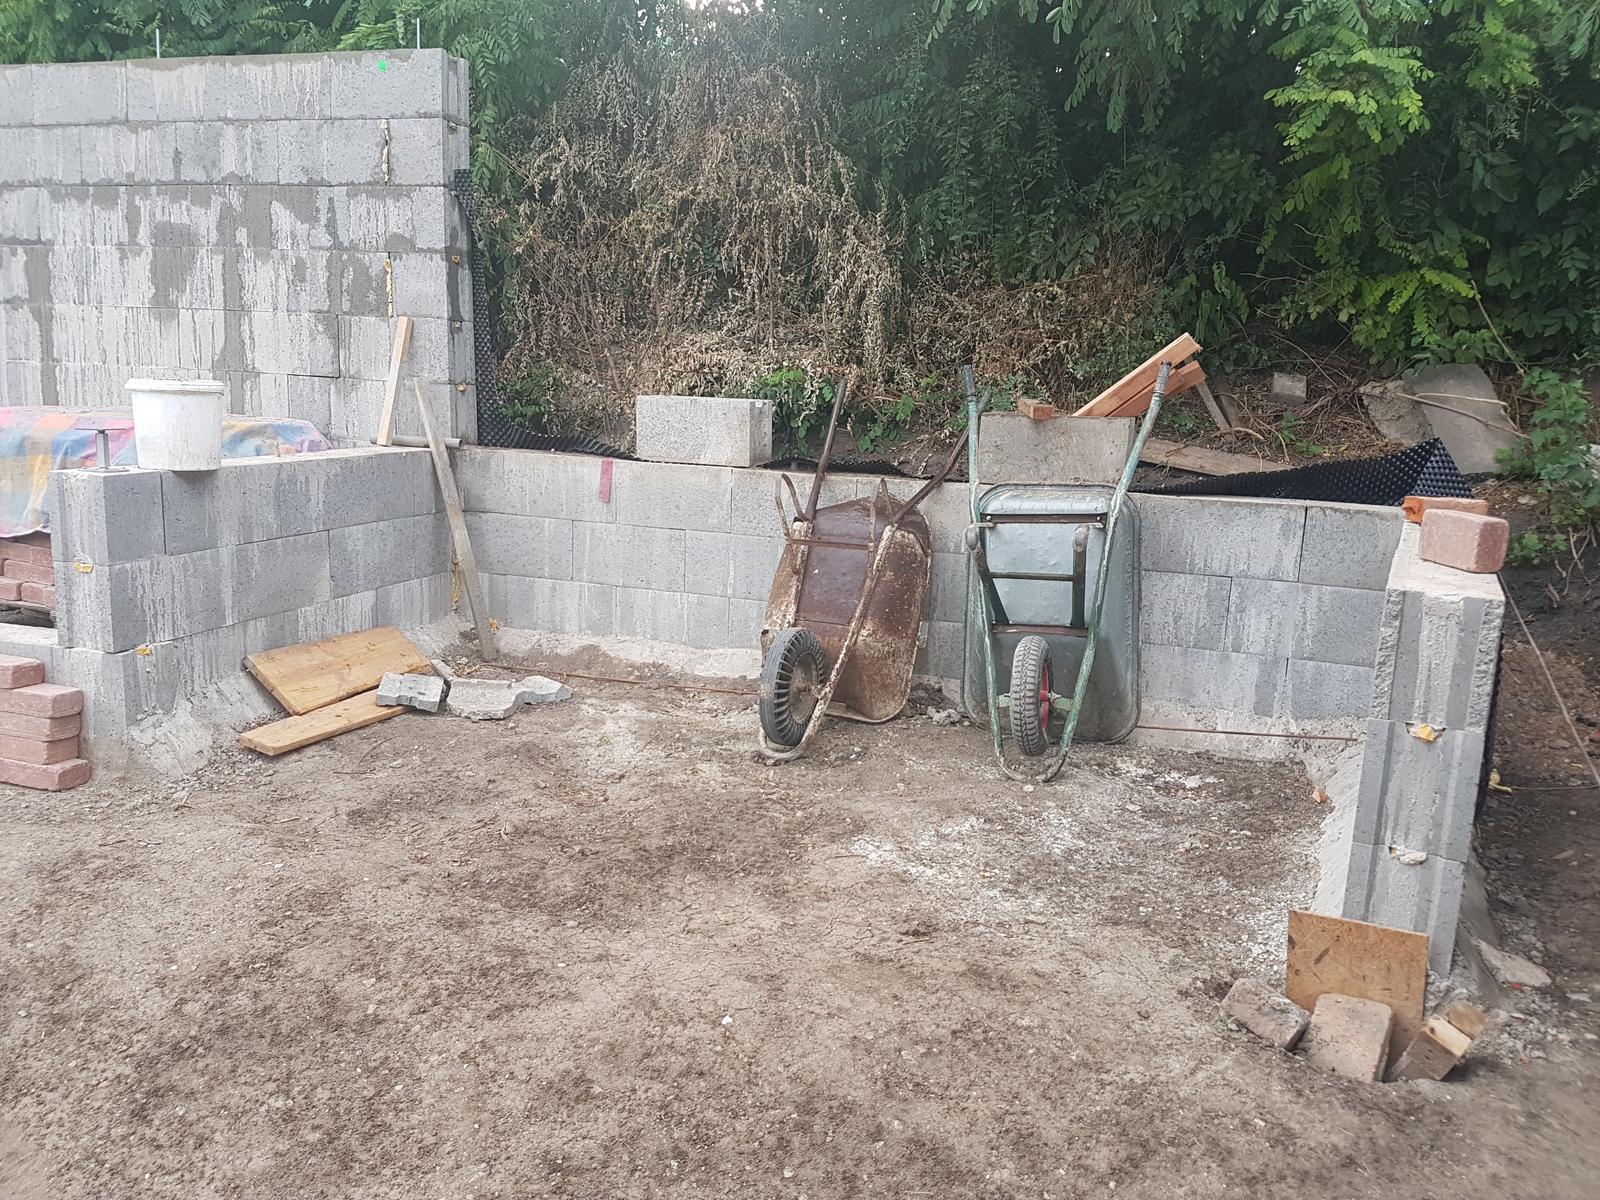 Drevník a kafé kútik - projekt roku  2018 - Pohľad na budúci kafe kútik. Už stačí len ,, kočičie hlavy, strom, obložiť tehlou stenu, stolík a židle, vyčistiť svah a osadiť ho - no proste brnkačka... :-)))))